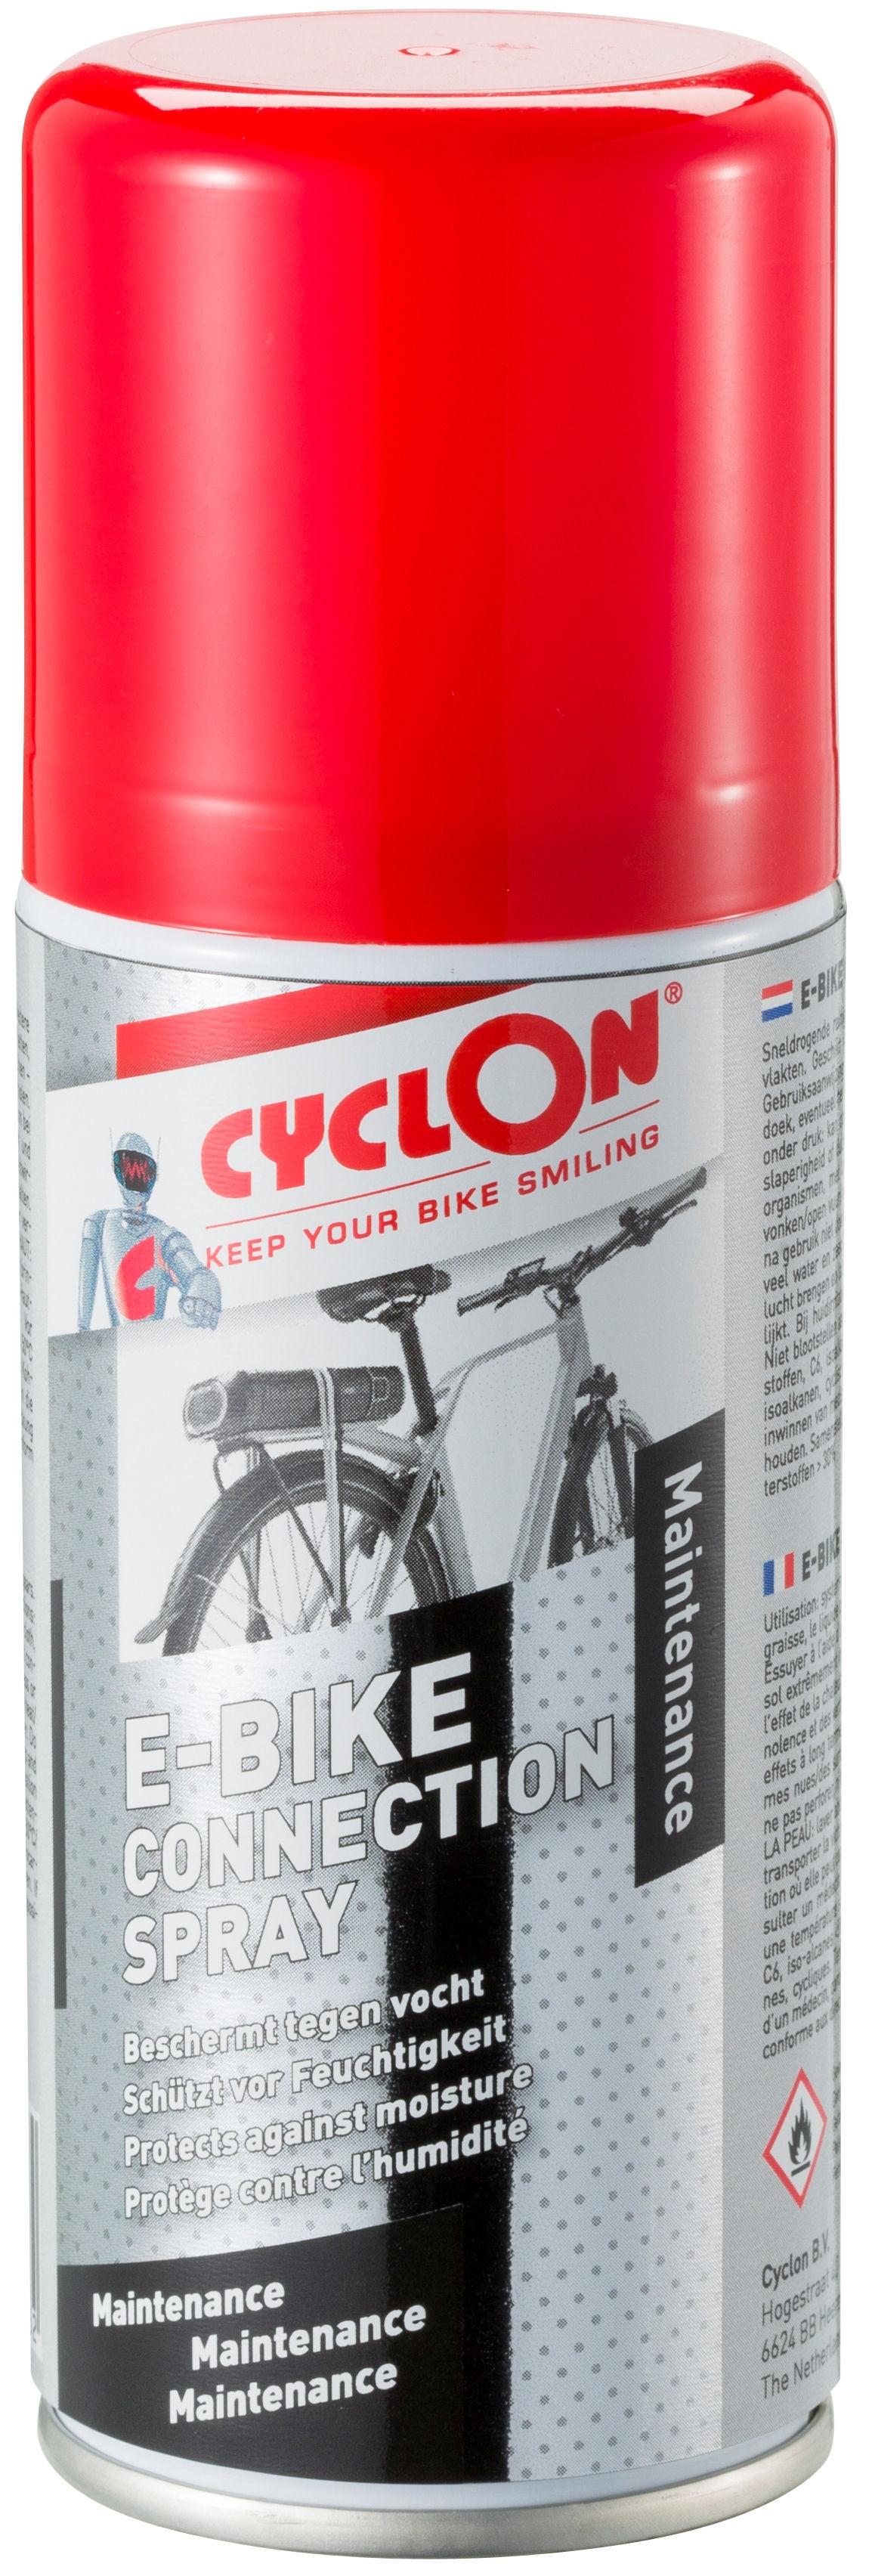 Cyclon E-Bike Connection Spray - 250 ml